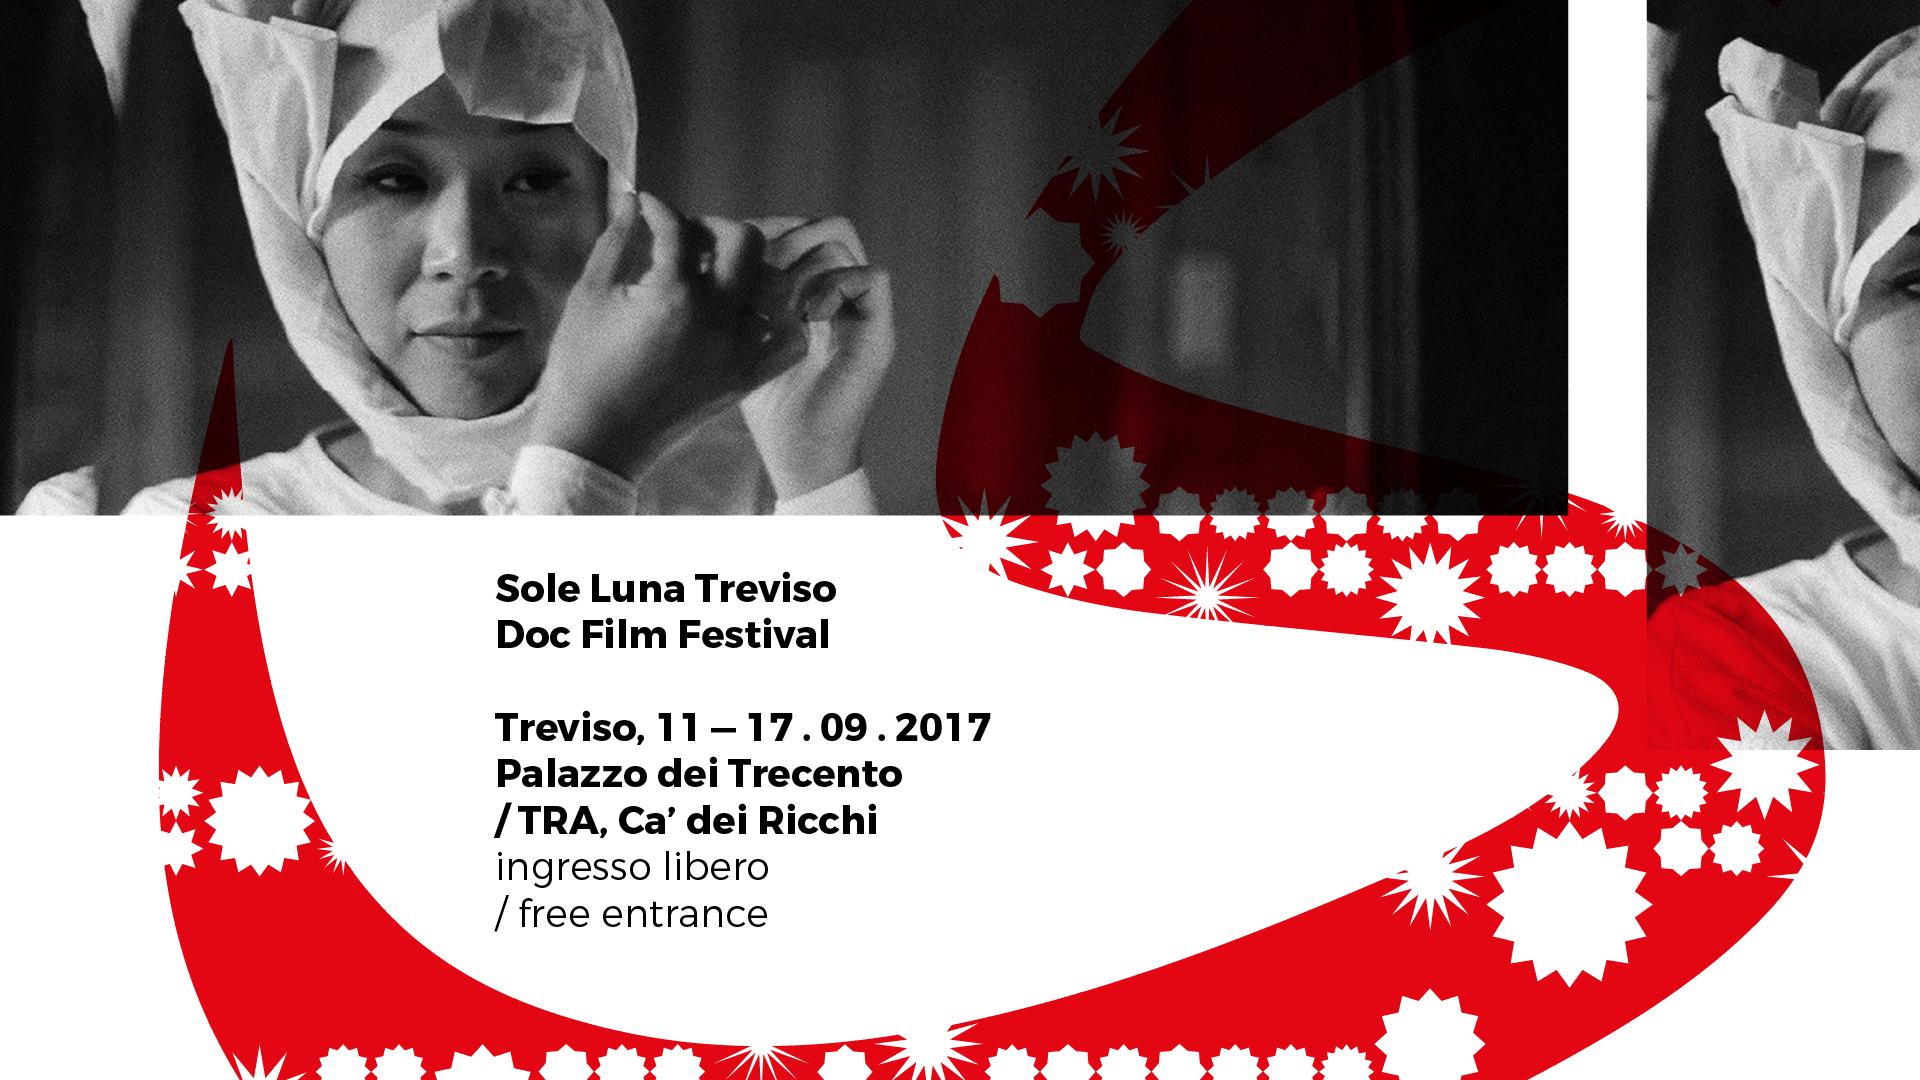 Festival Sole Luna 2017: con la dodicesima edizione si torna a costruire ponti fra le culture a Treviso